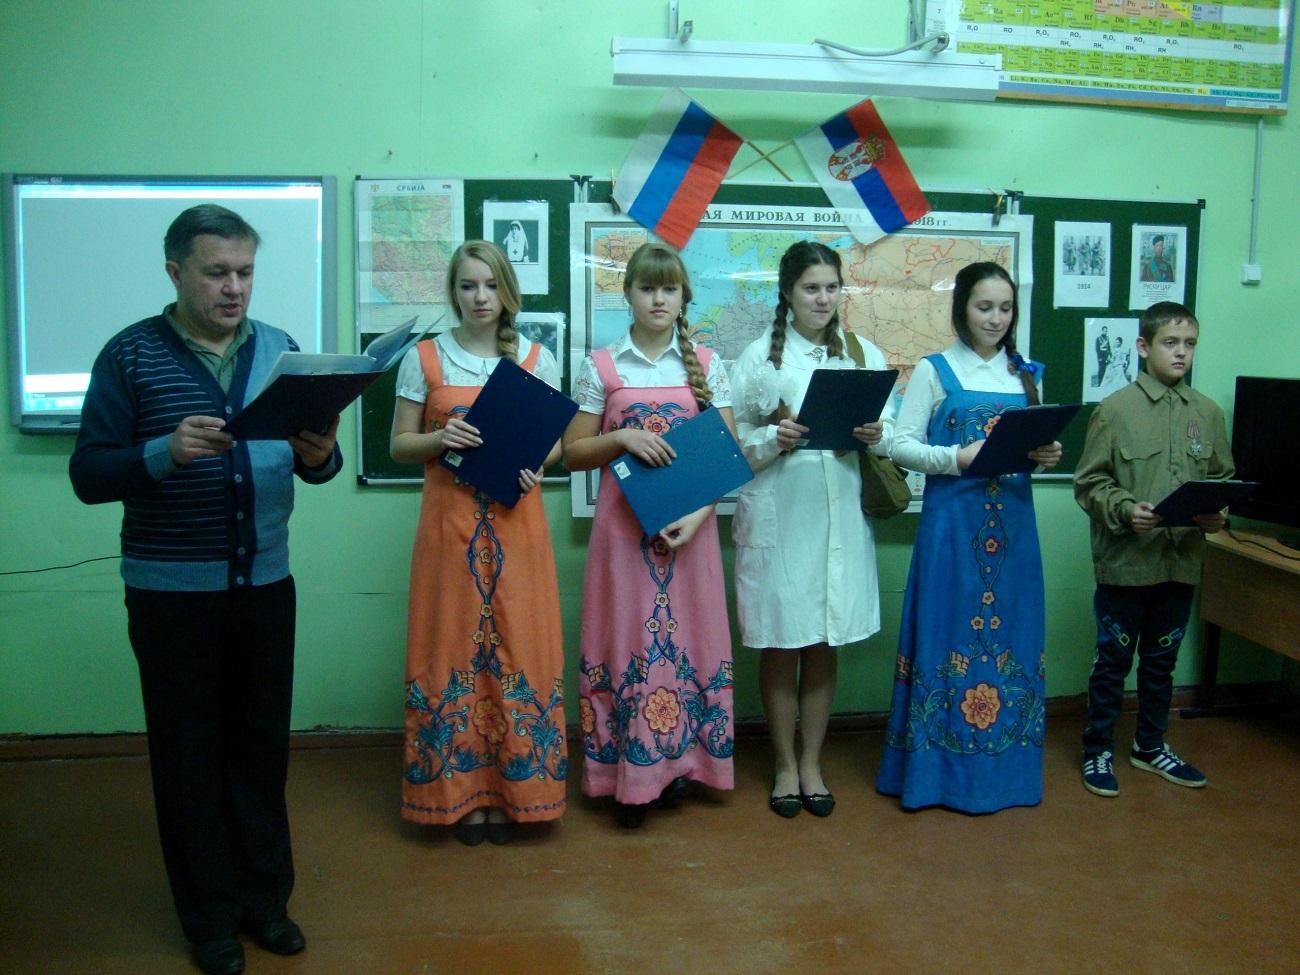 Час у школи села Поњкино у Ивановској области. Фото из личне архиве Александра Муравјова.